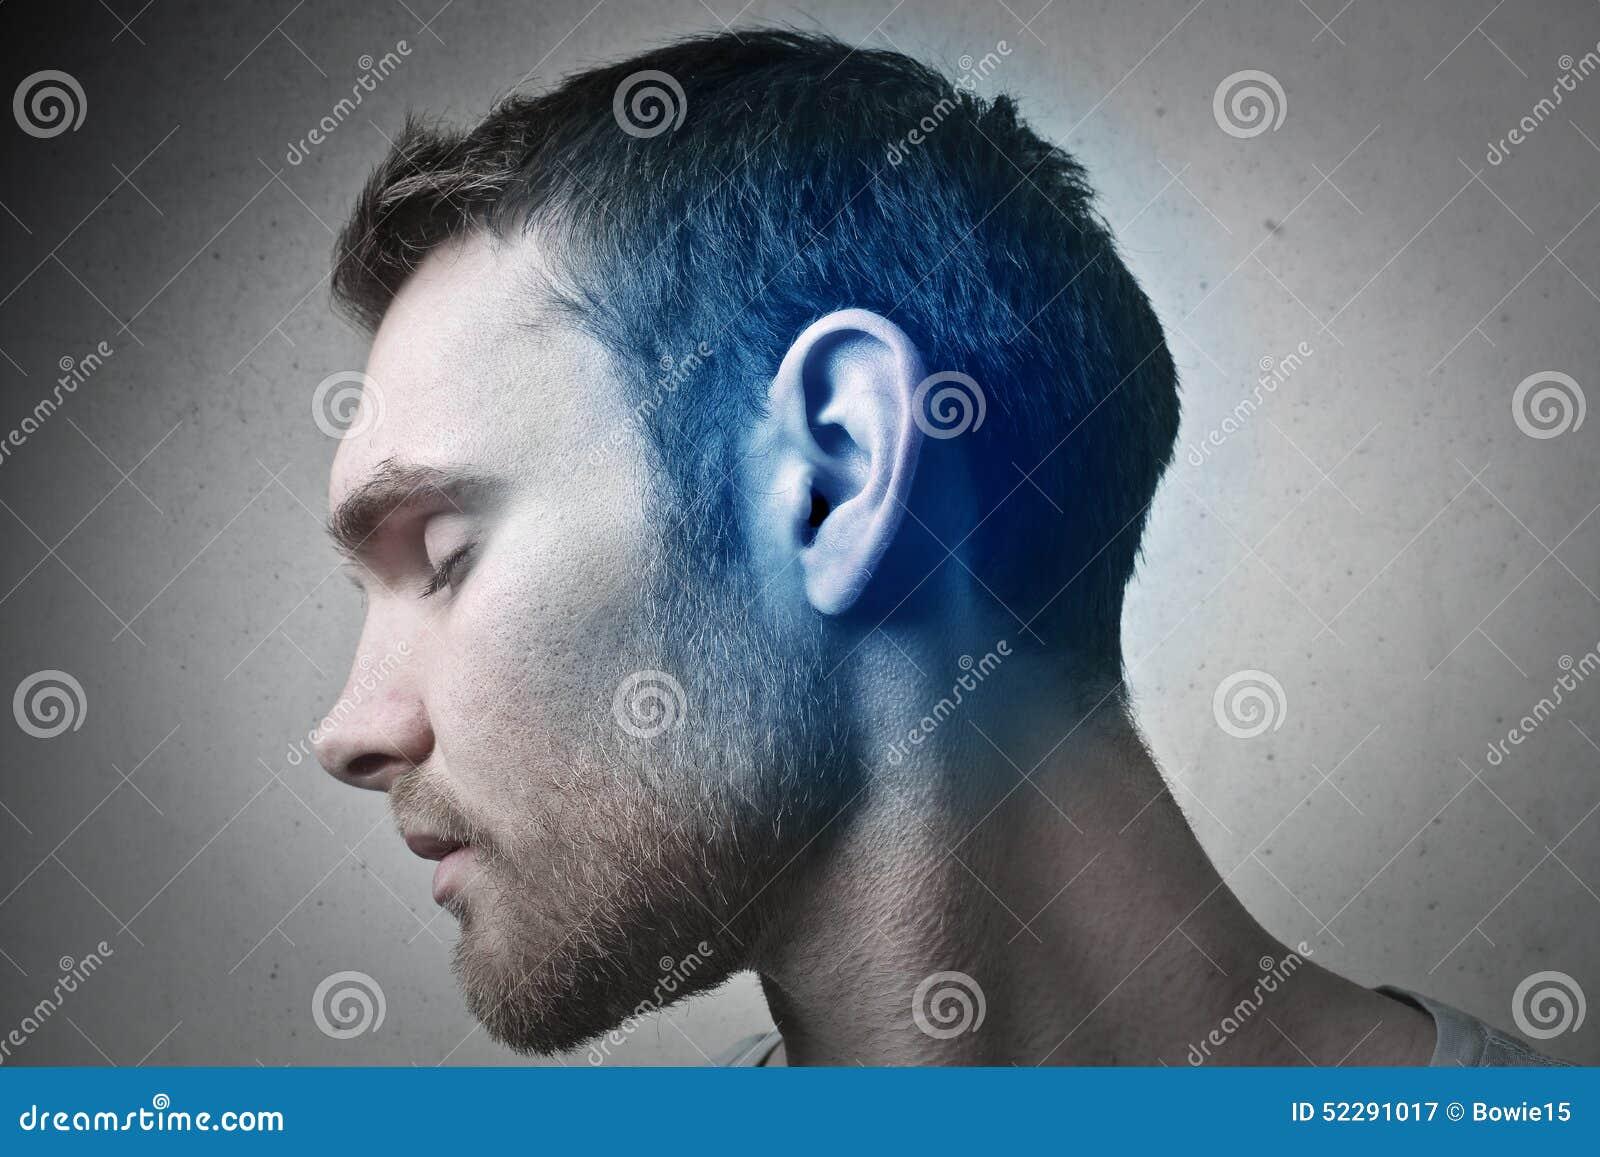 蓝色耳朵图片